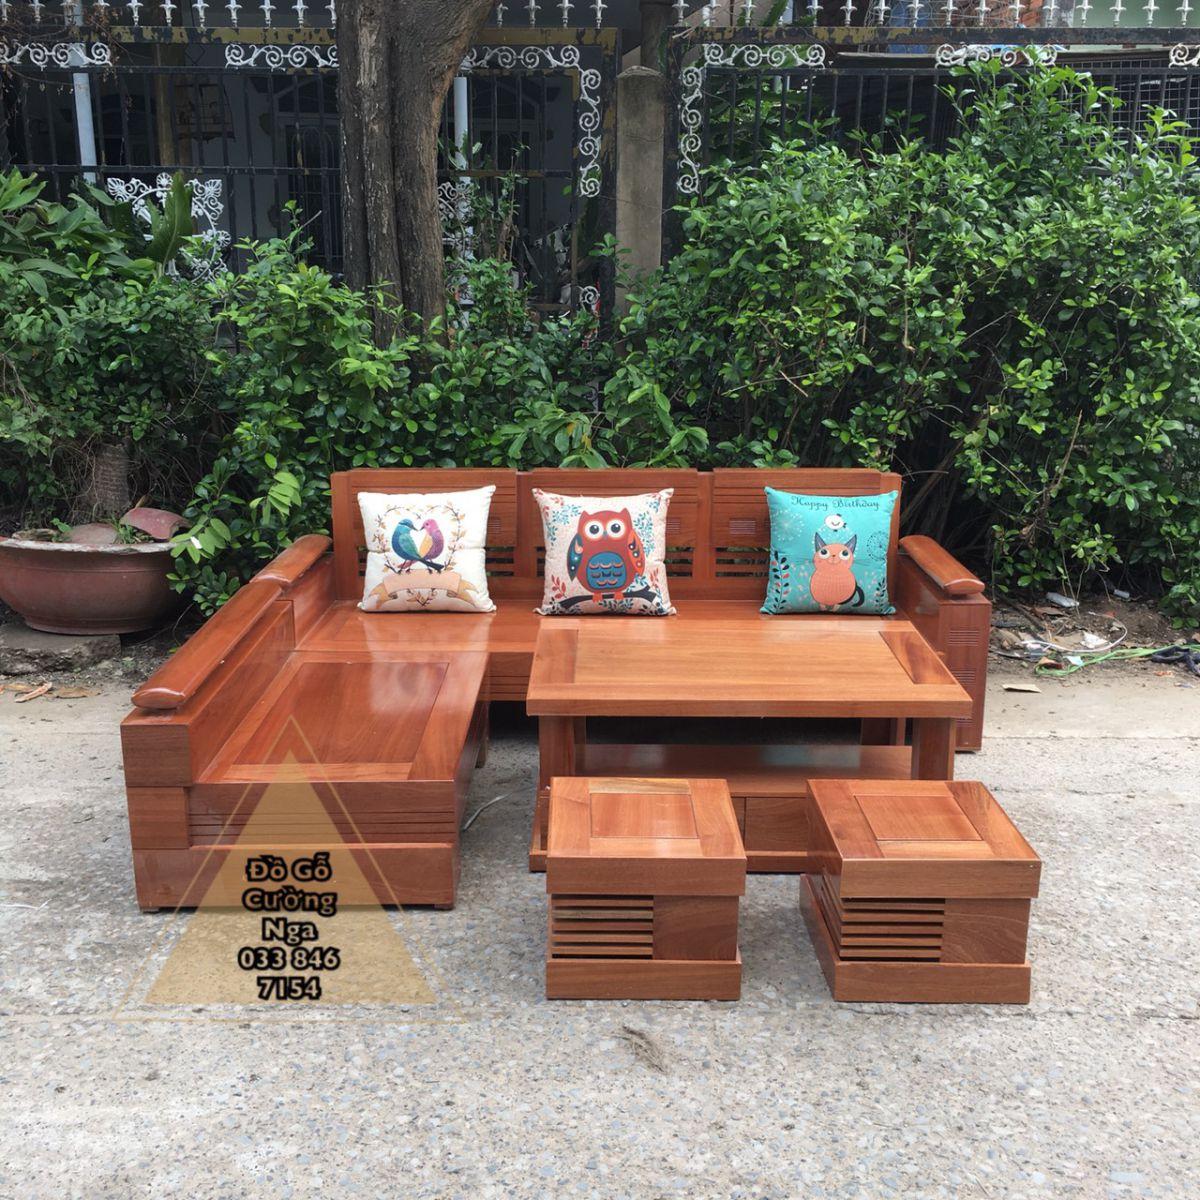 Bộ bàn ghế sofa gỗ Xoan Đào 2m1x1m65 tray trứng (Ảnh 3)